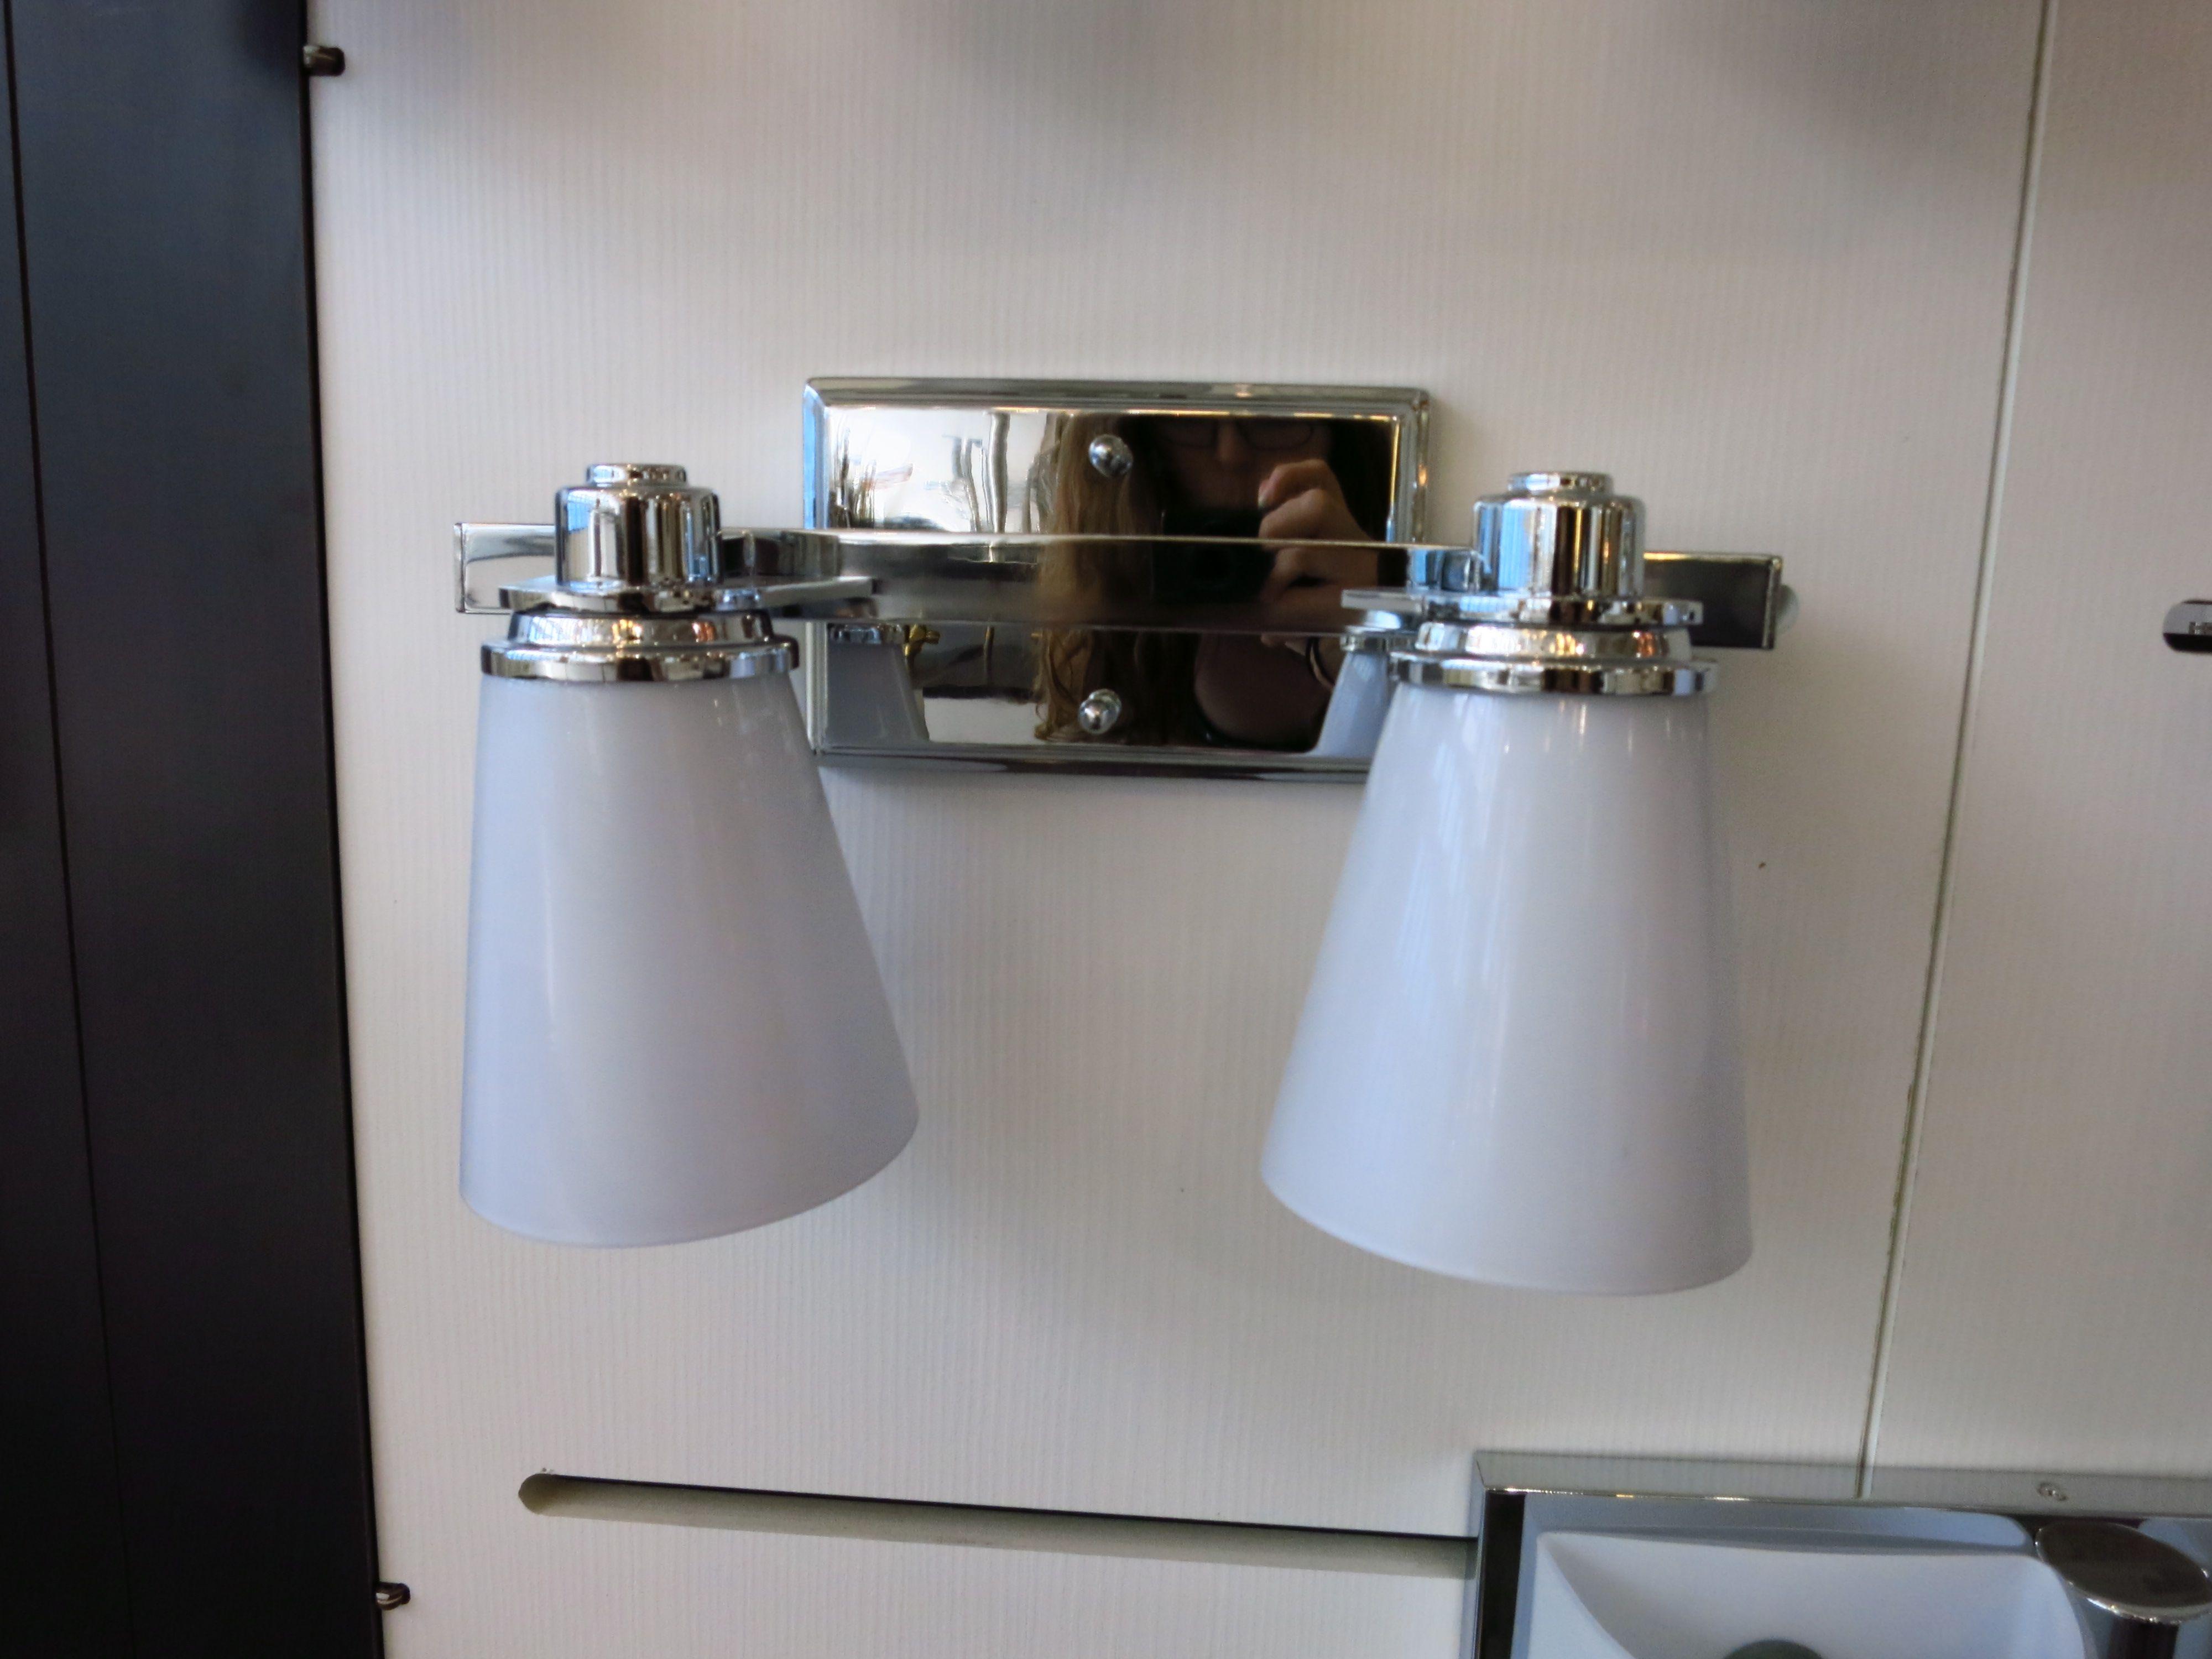 Bathroom Sconces Brushed Nickel avon 5552cm sconcehinkley lighting from waterspot. shown in